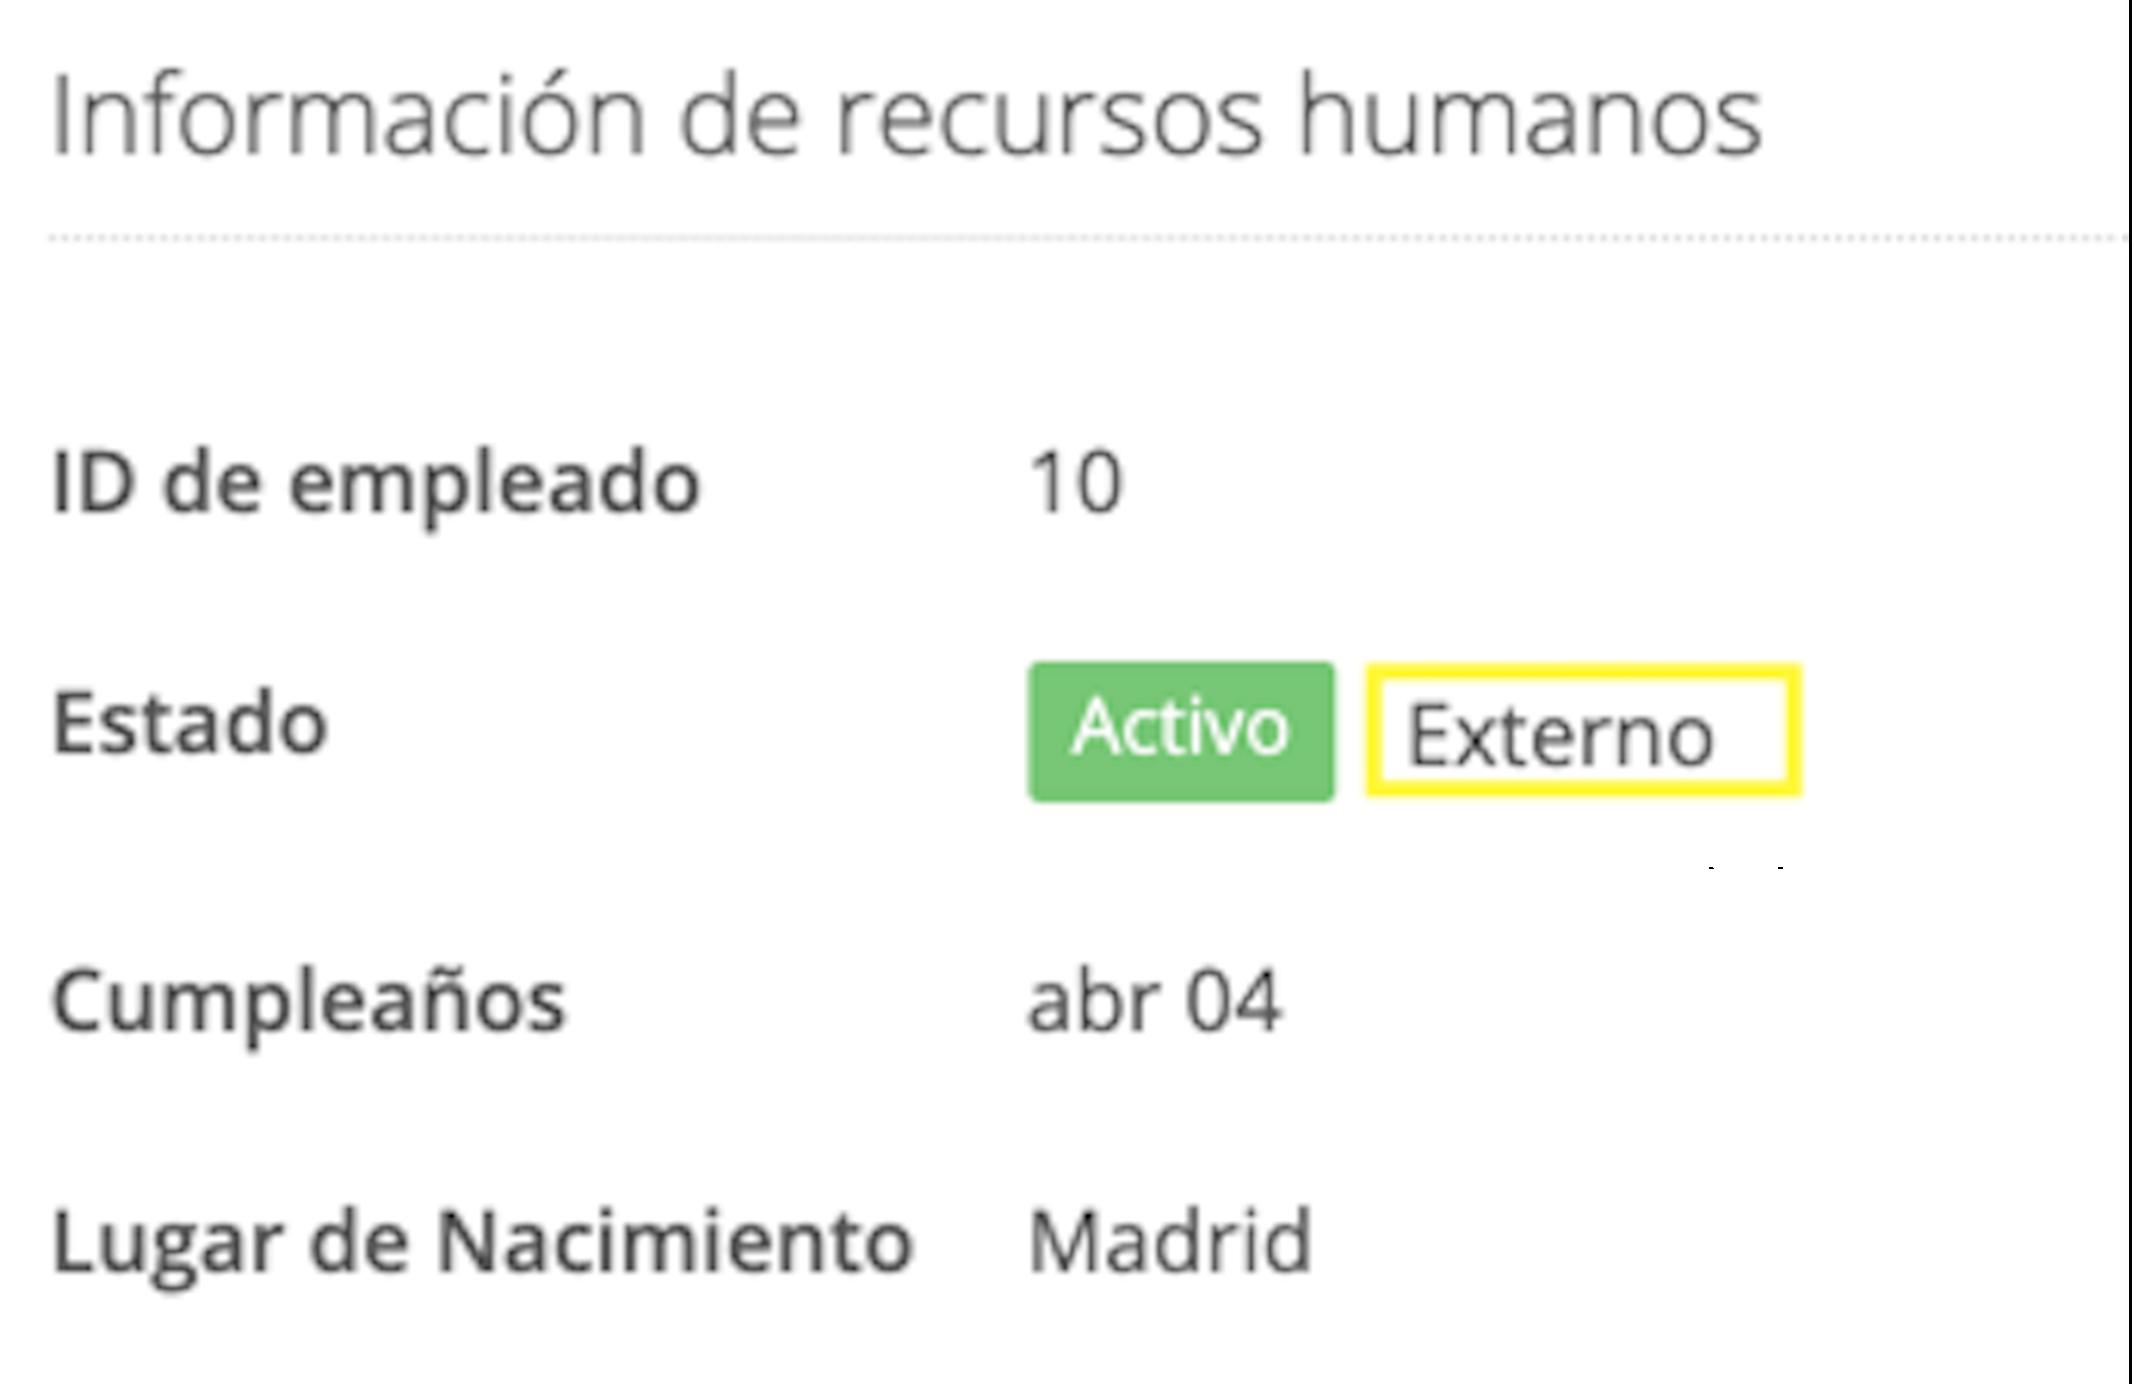 External-externalpayroll-employmenttype-peronalinfo_es.png